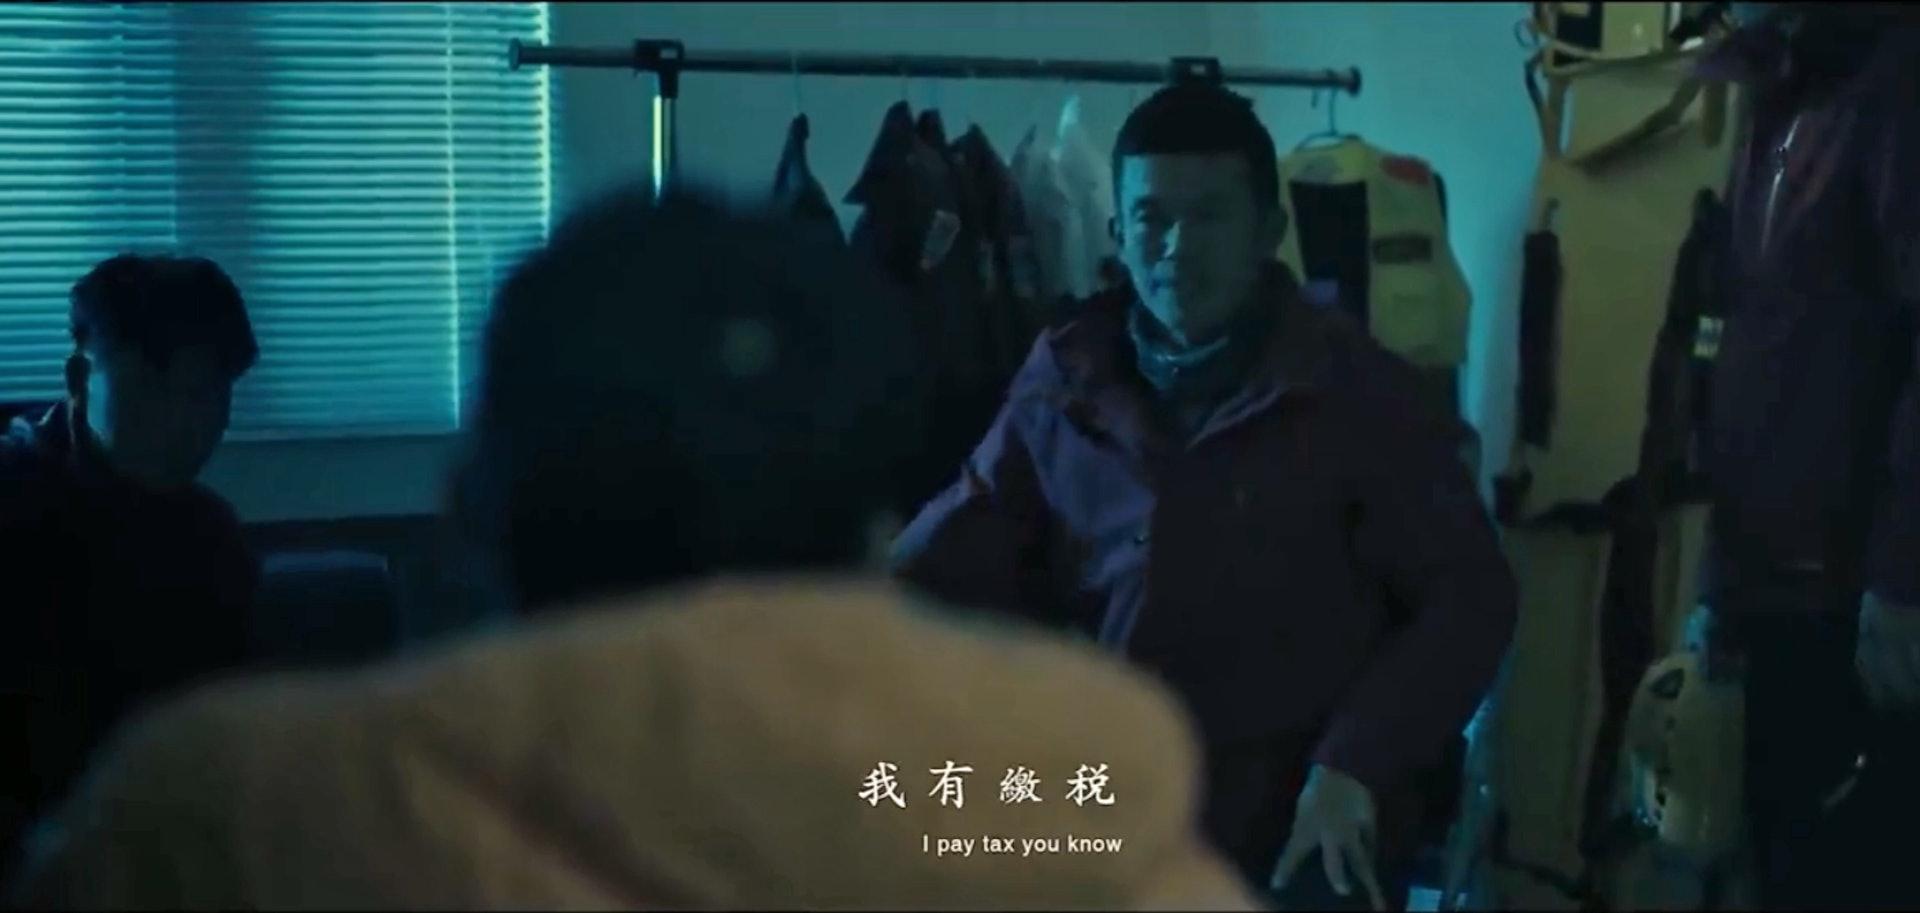 台中市消防局製作微電影《聽見山域求救的聲音》,提醒市民注意登山安全,但被部分網民批評「恐怖」。(《聽見山域求救的聲音》截圖)